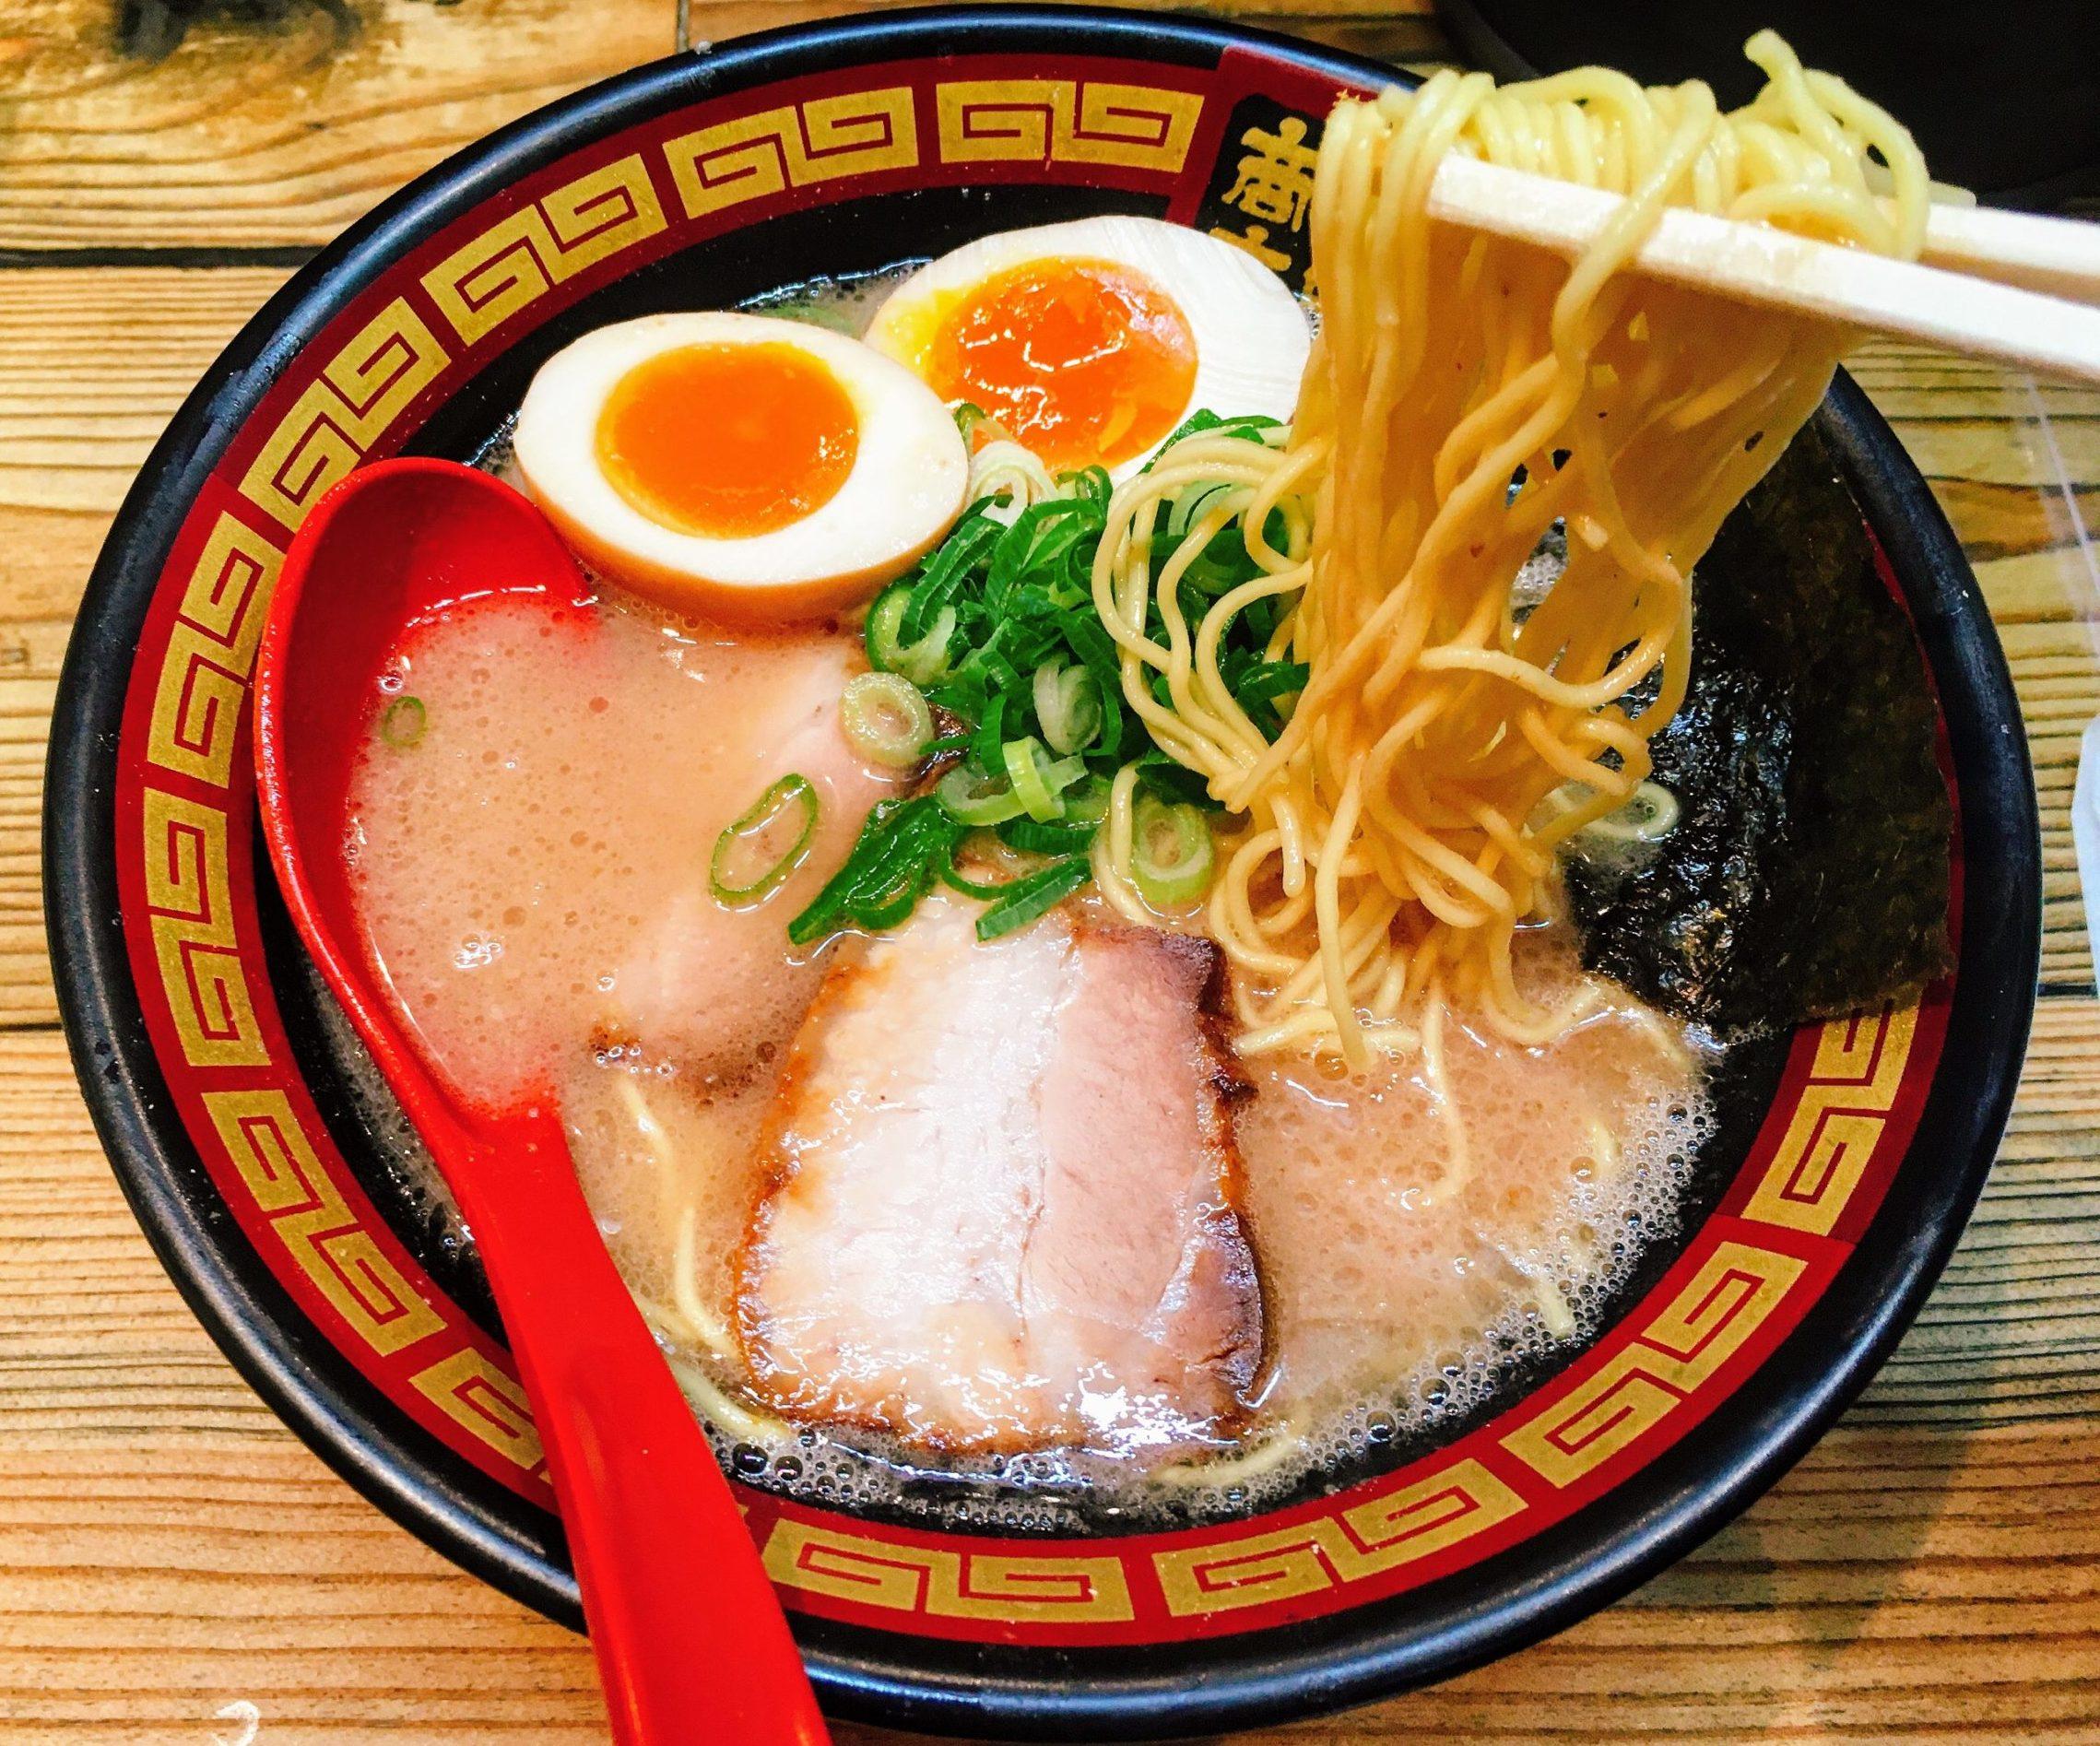 「拉麺 久留米 本田商店 池袋店」の「ホンダラーメン1号」